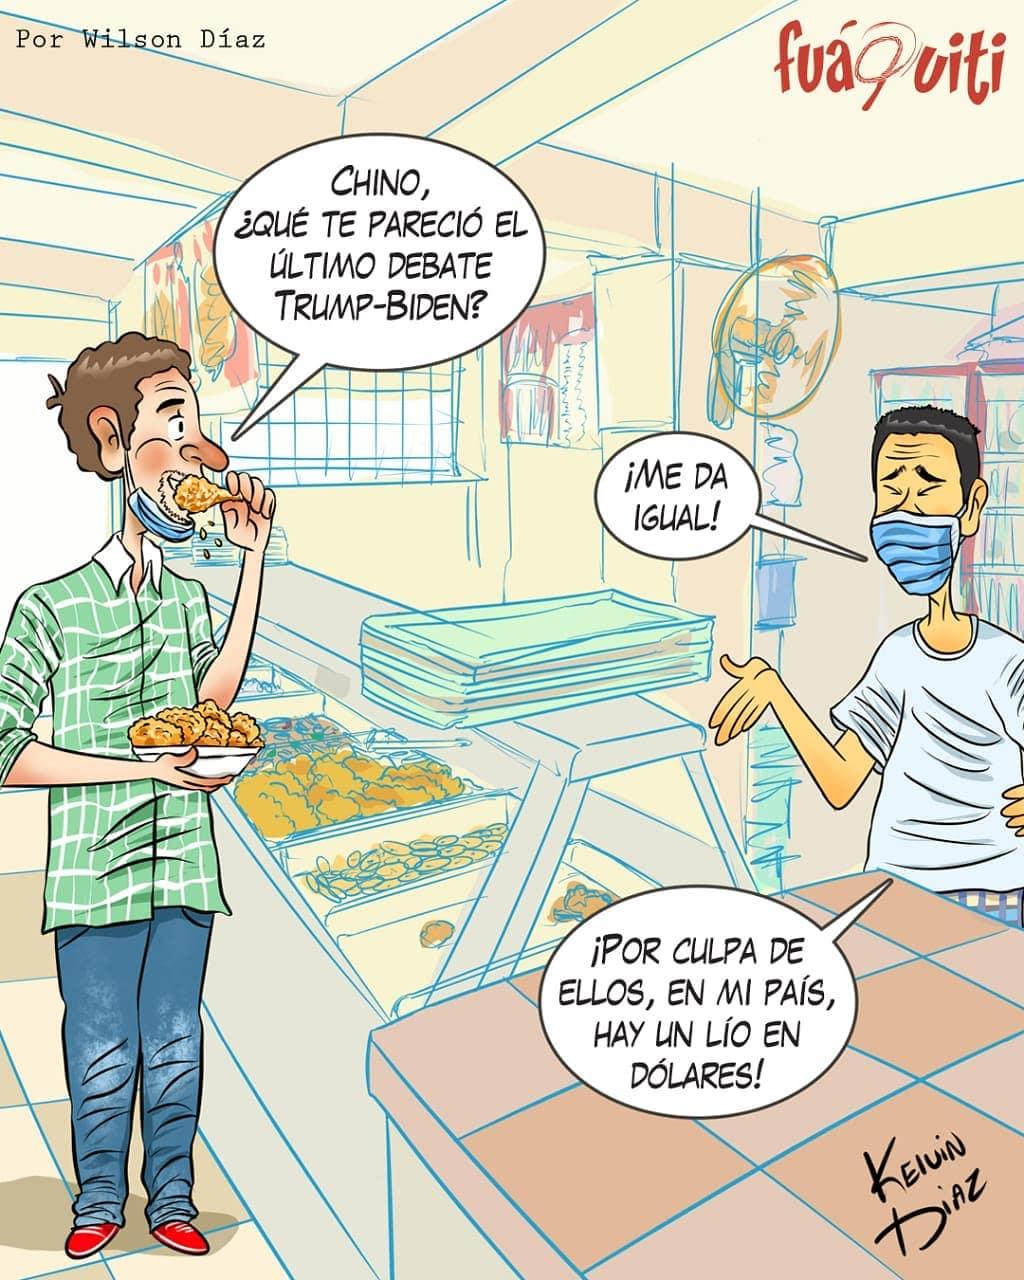 Caricatura Fuaquiti, 25 de Octubre, 2020 – ¡El Pica-Tollo!